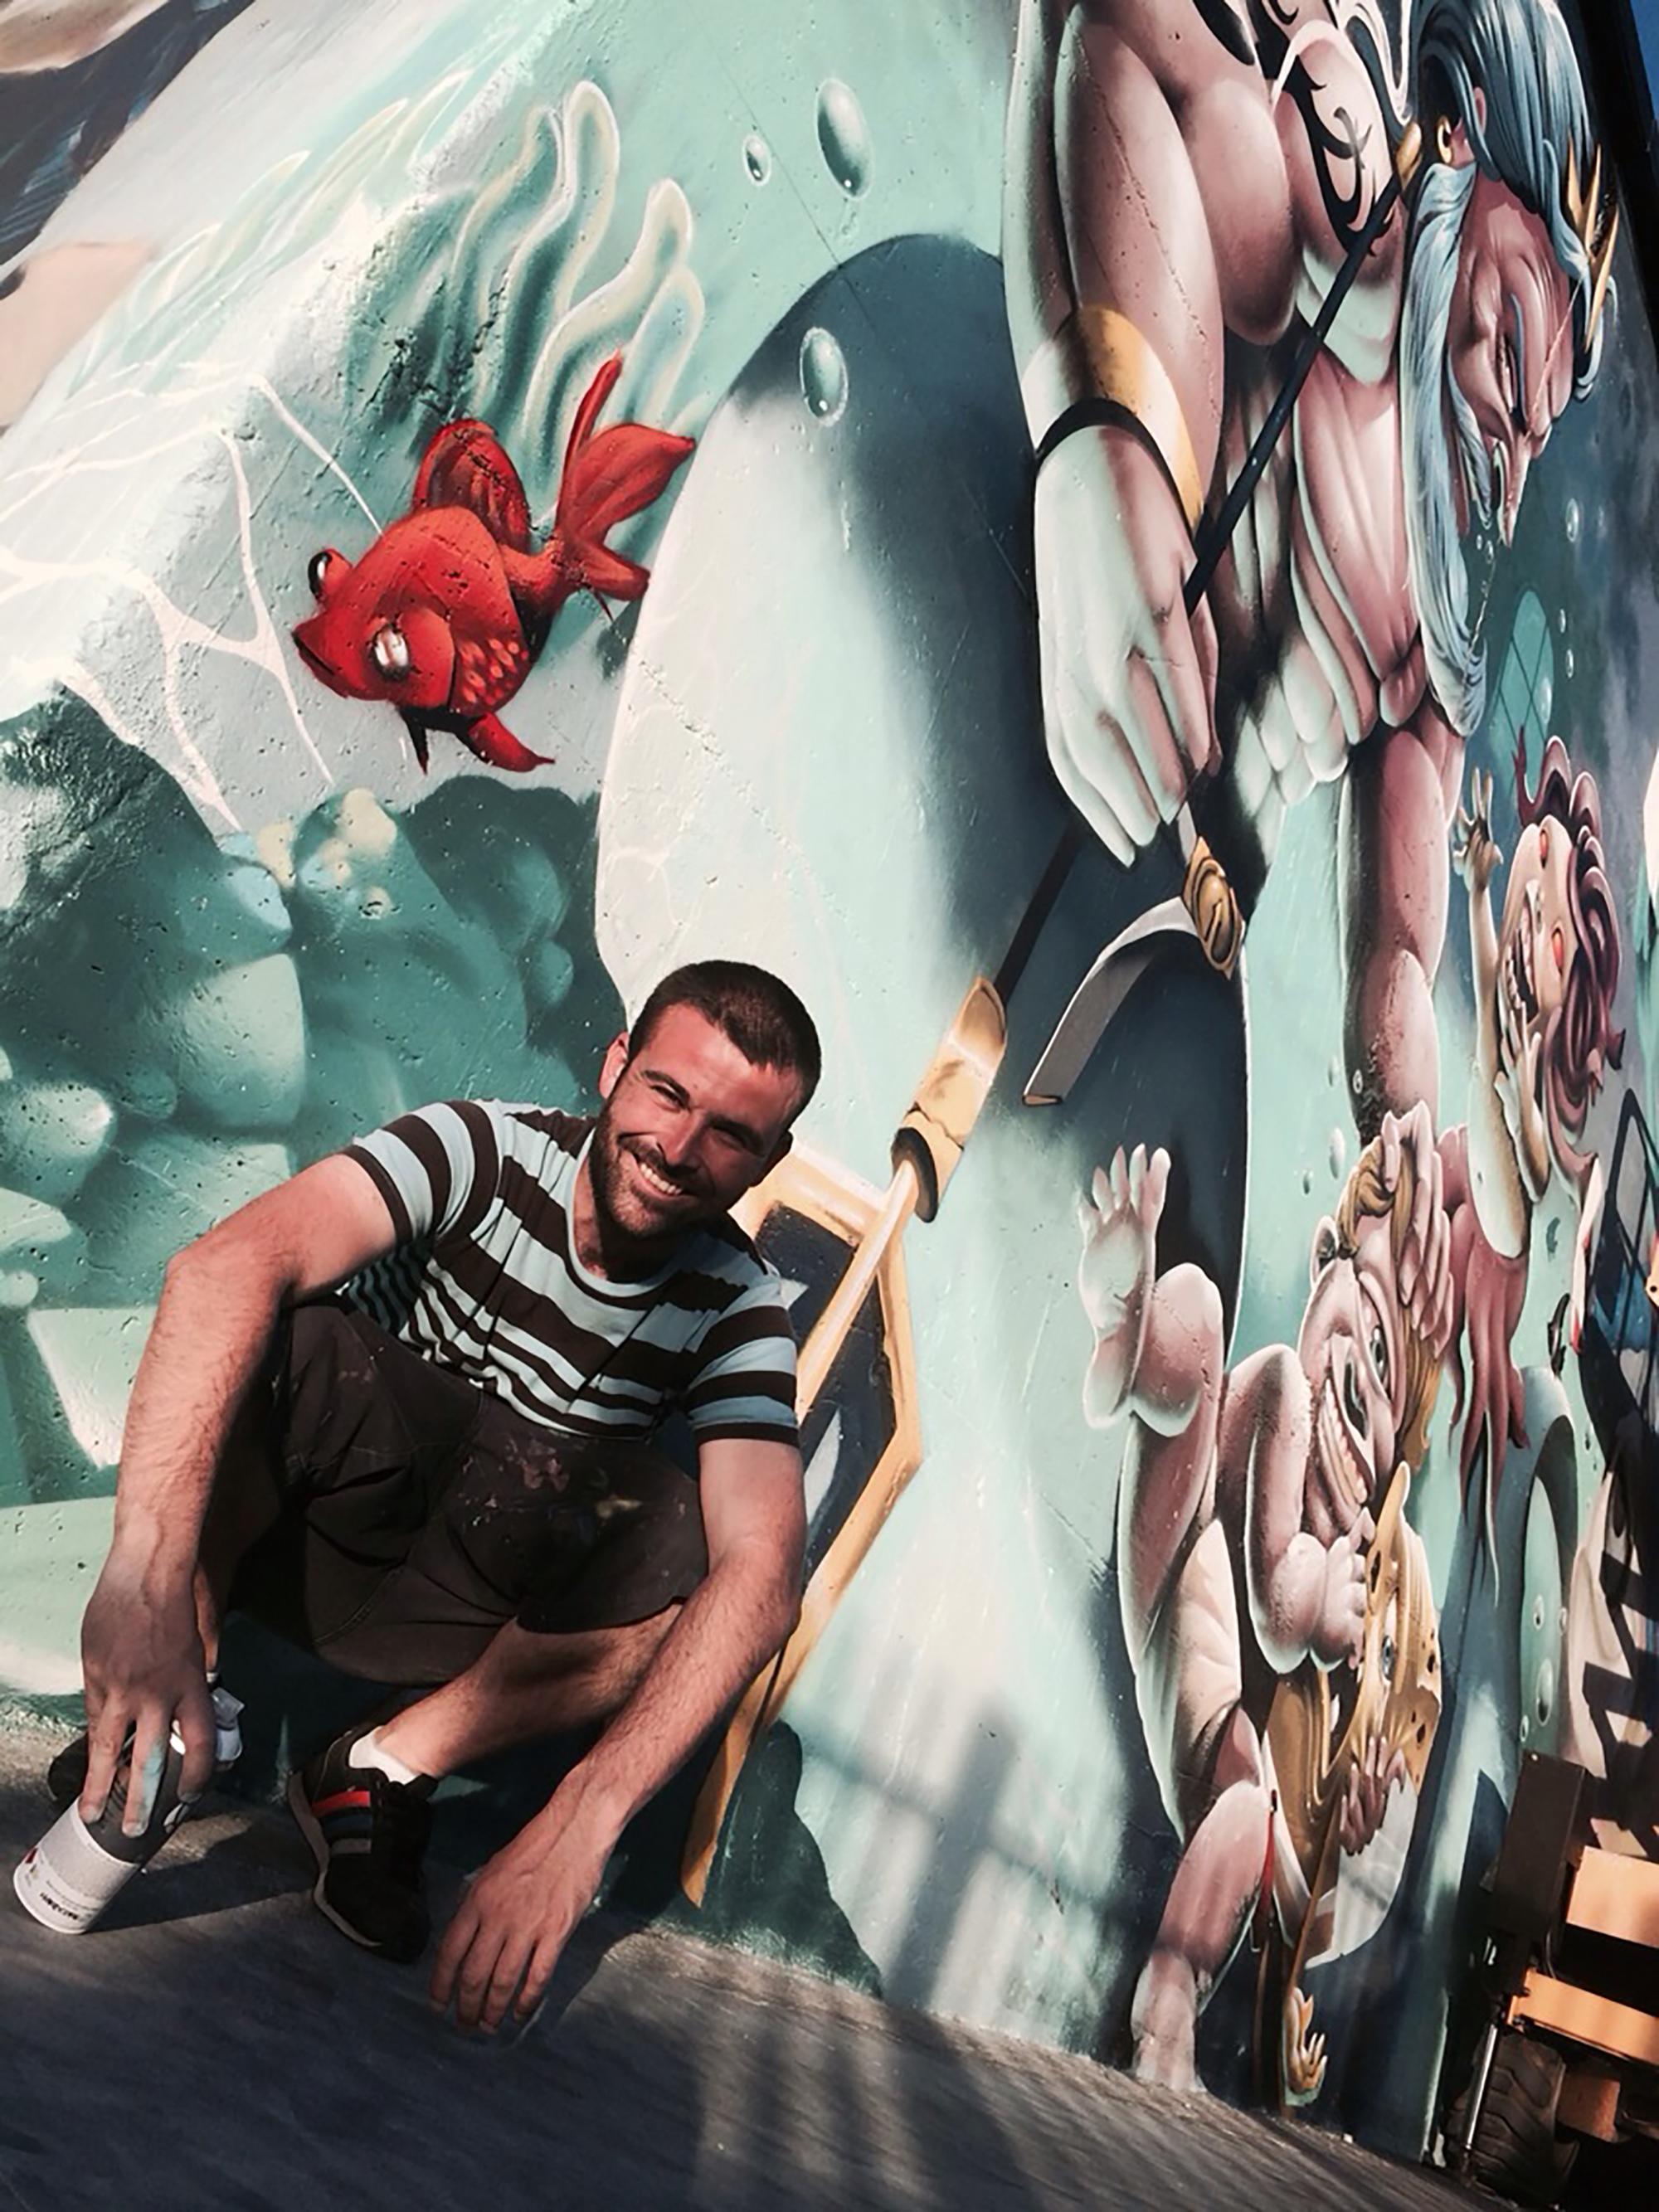 Festival d'art urbà que des de hui i fins diumenge tindrà lloc a Vilamarxant.